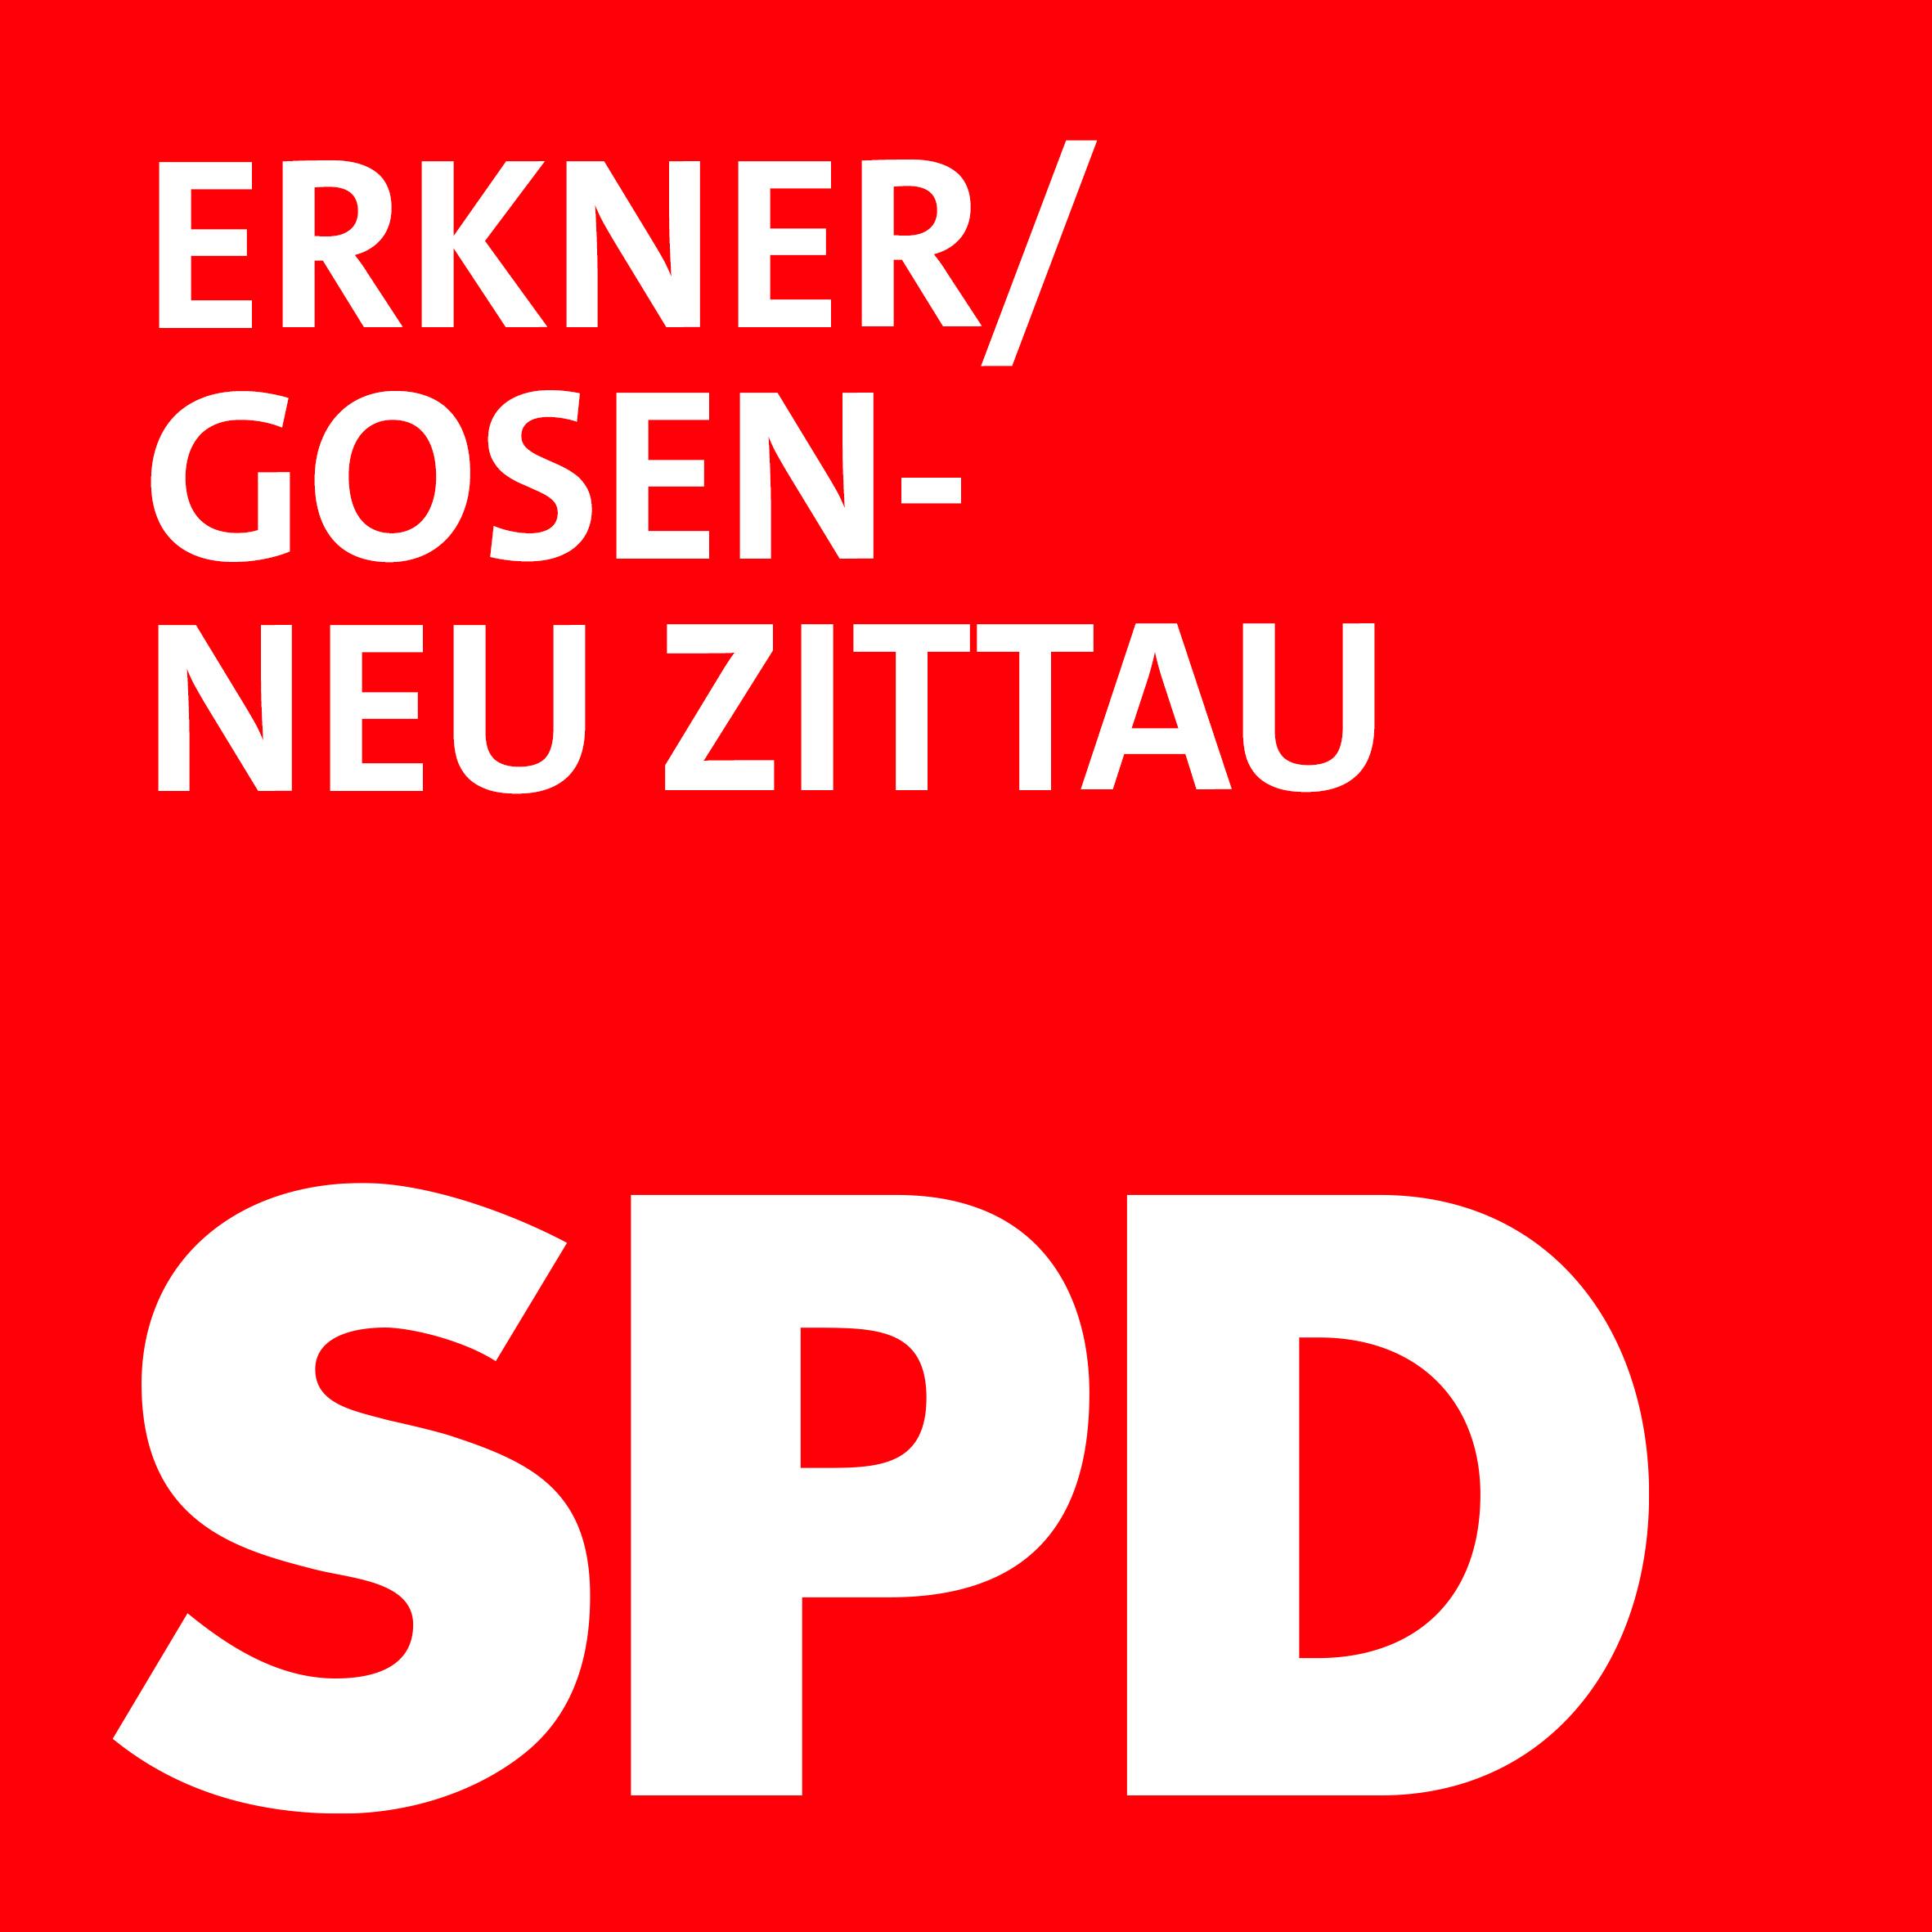 SPD Erkner/Gosen-Neu Zittau